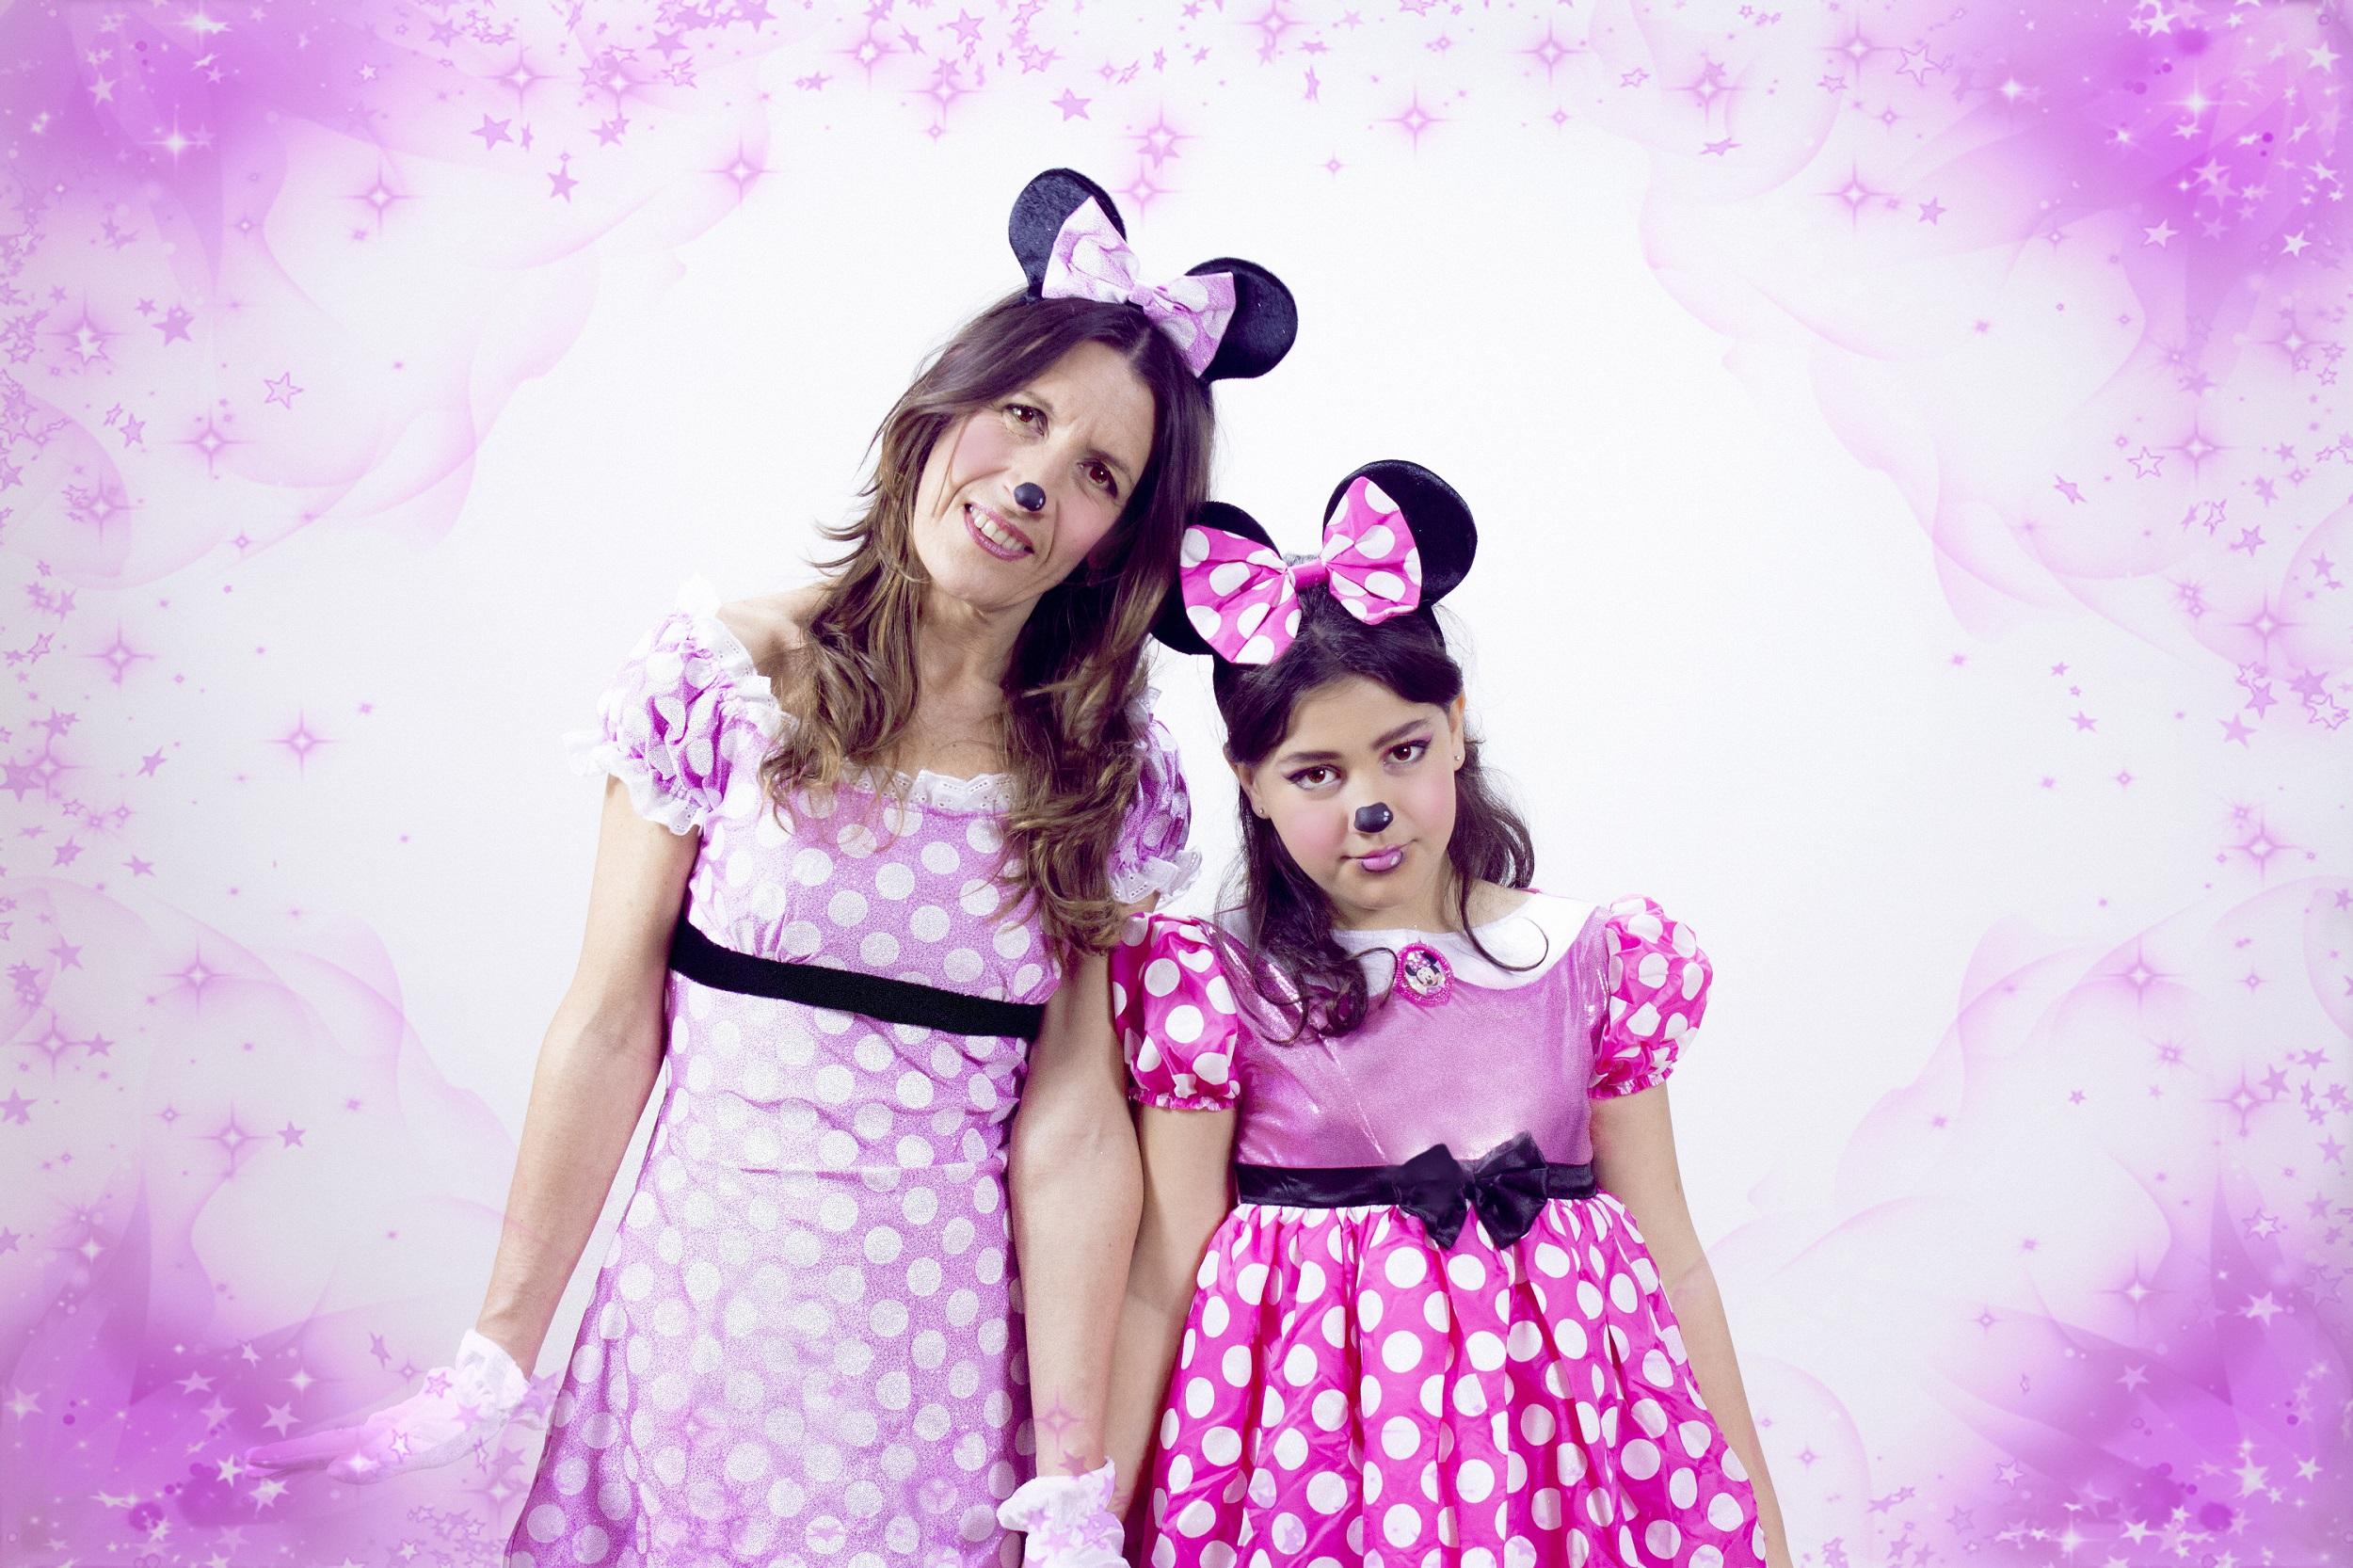 Cómo disfrazarse de Minnie Mouse ¡Tu disfraz más coqueto!